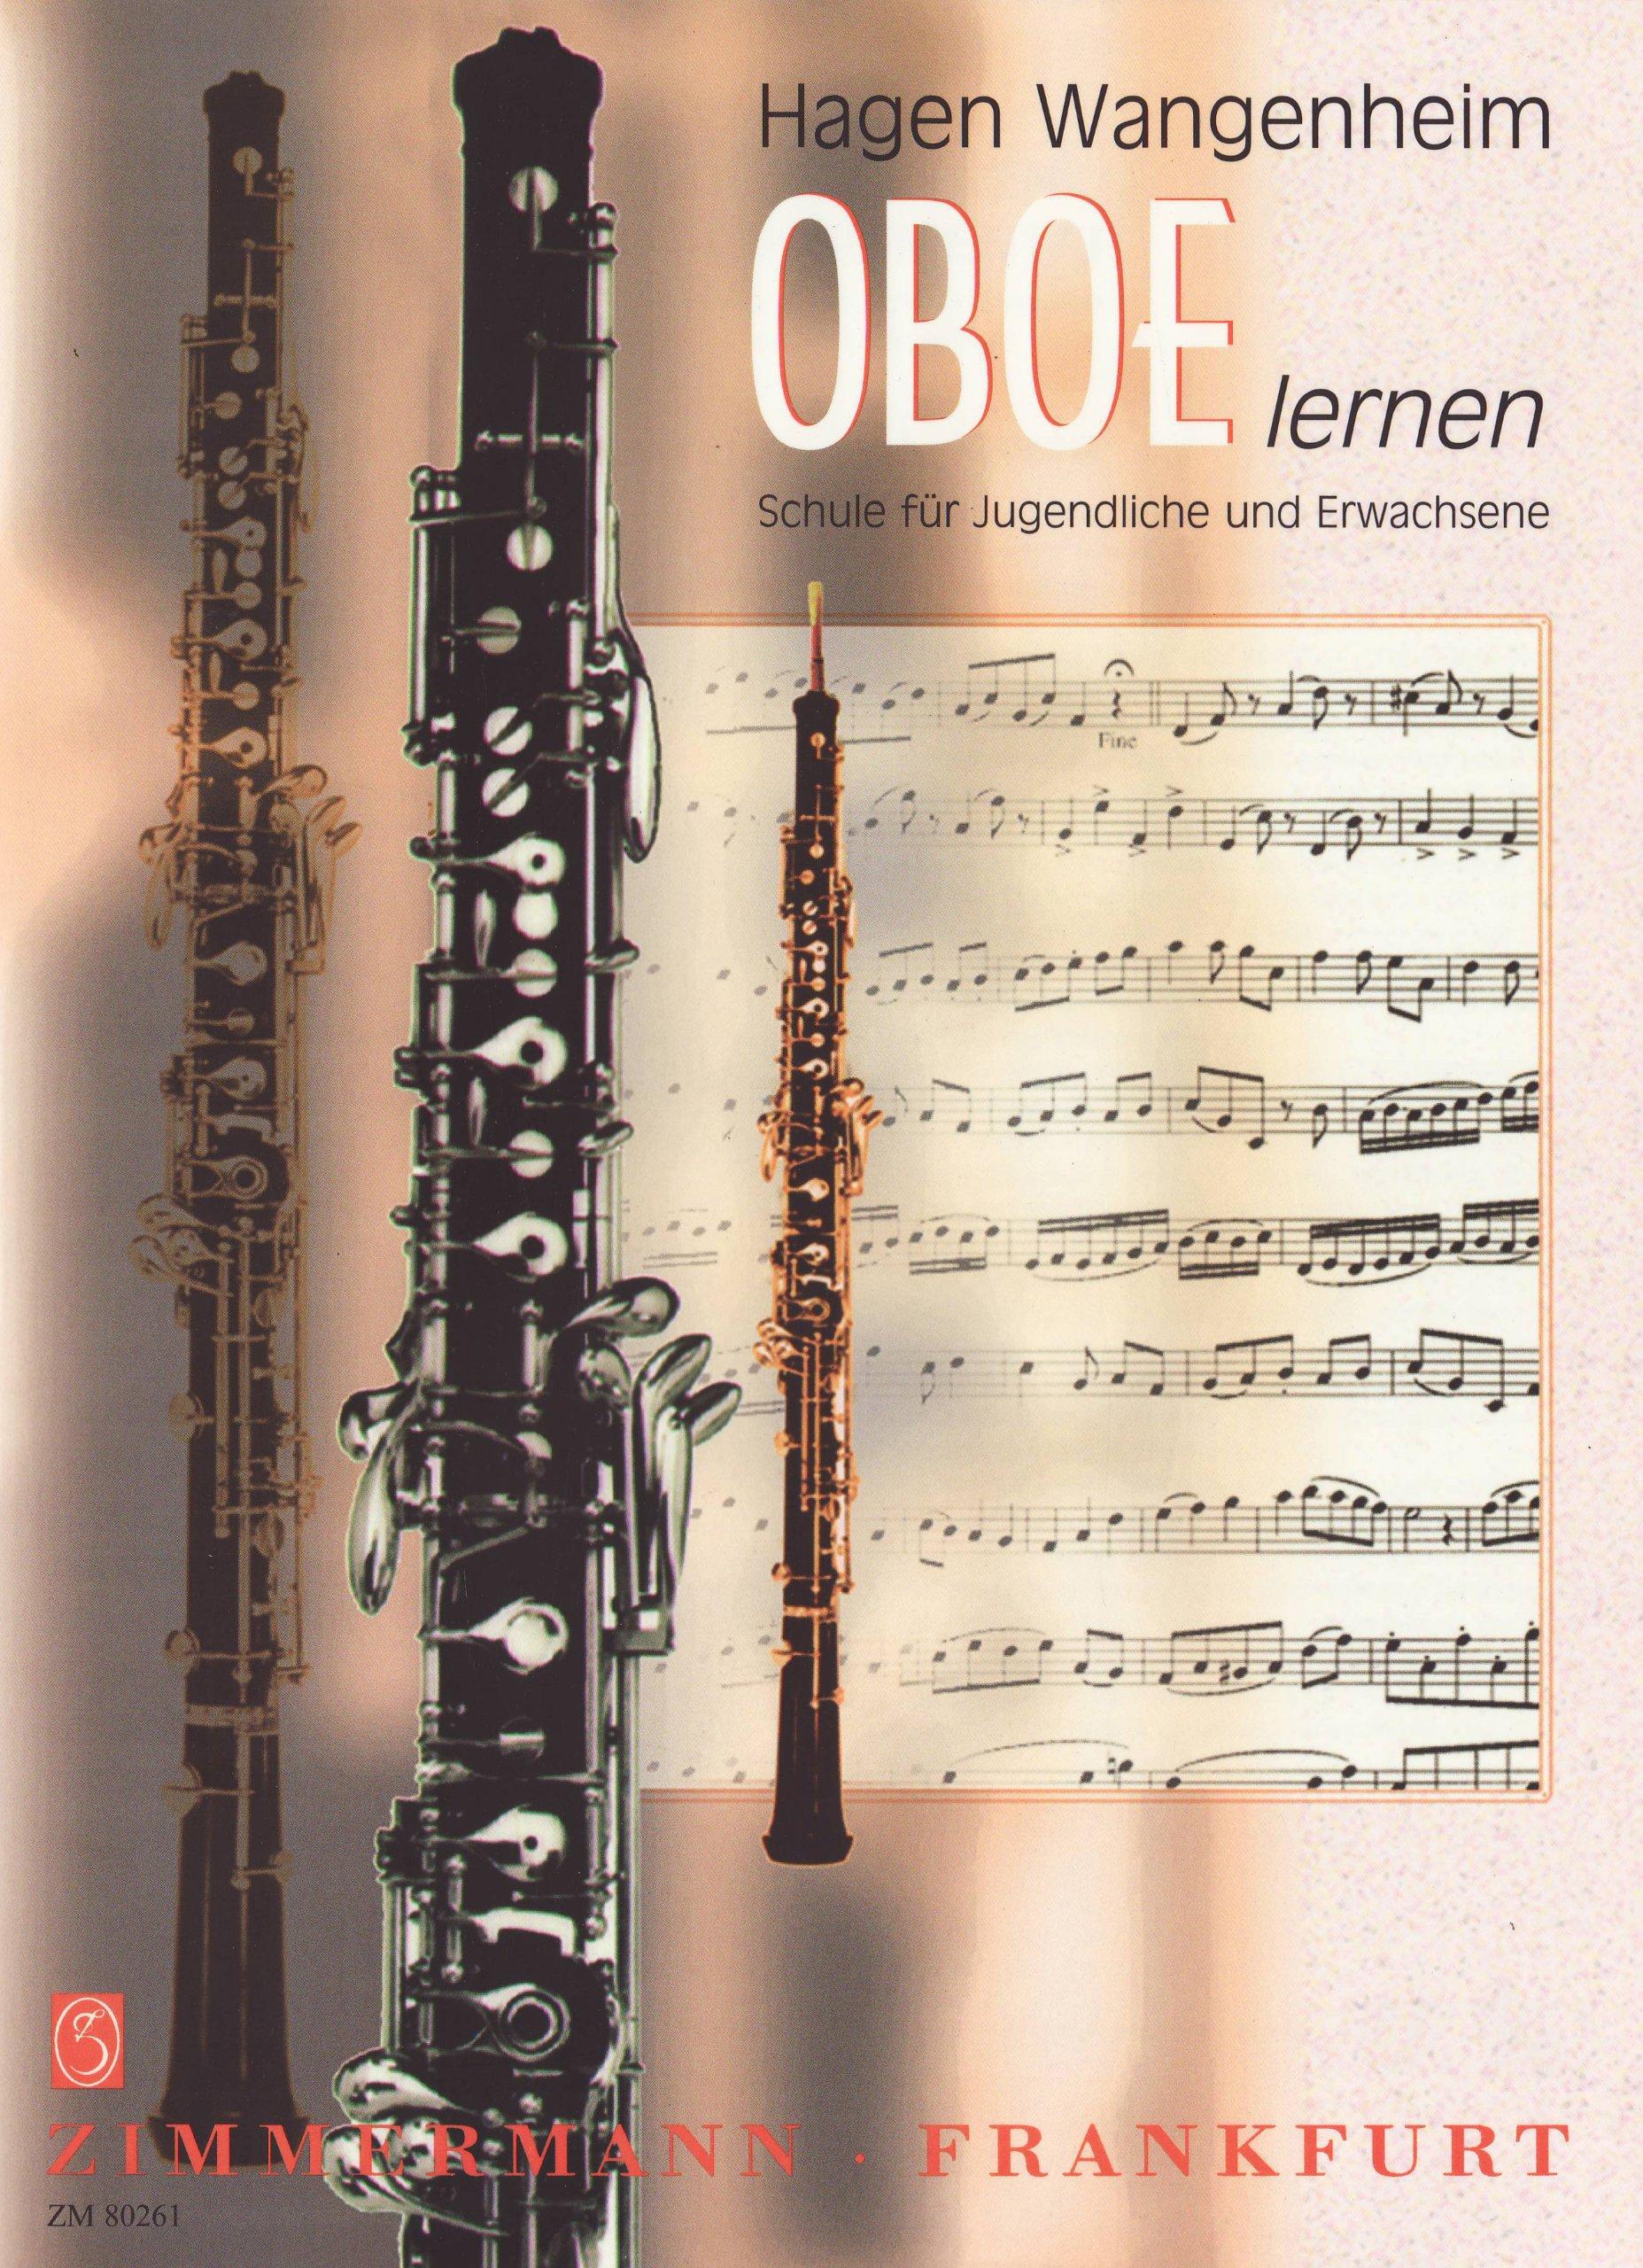 OBOE LERNEN Method (text in German)